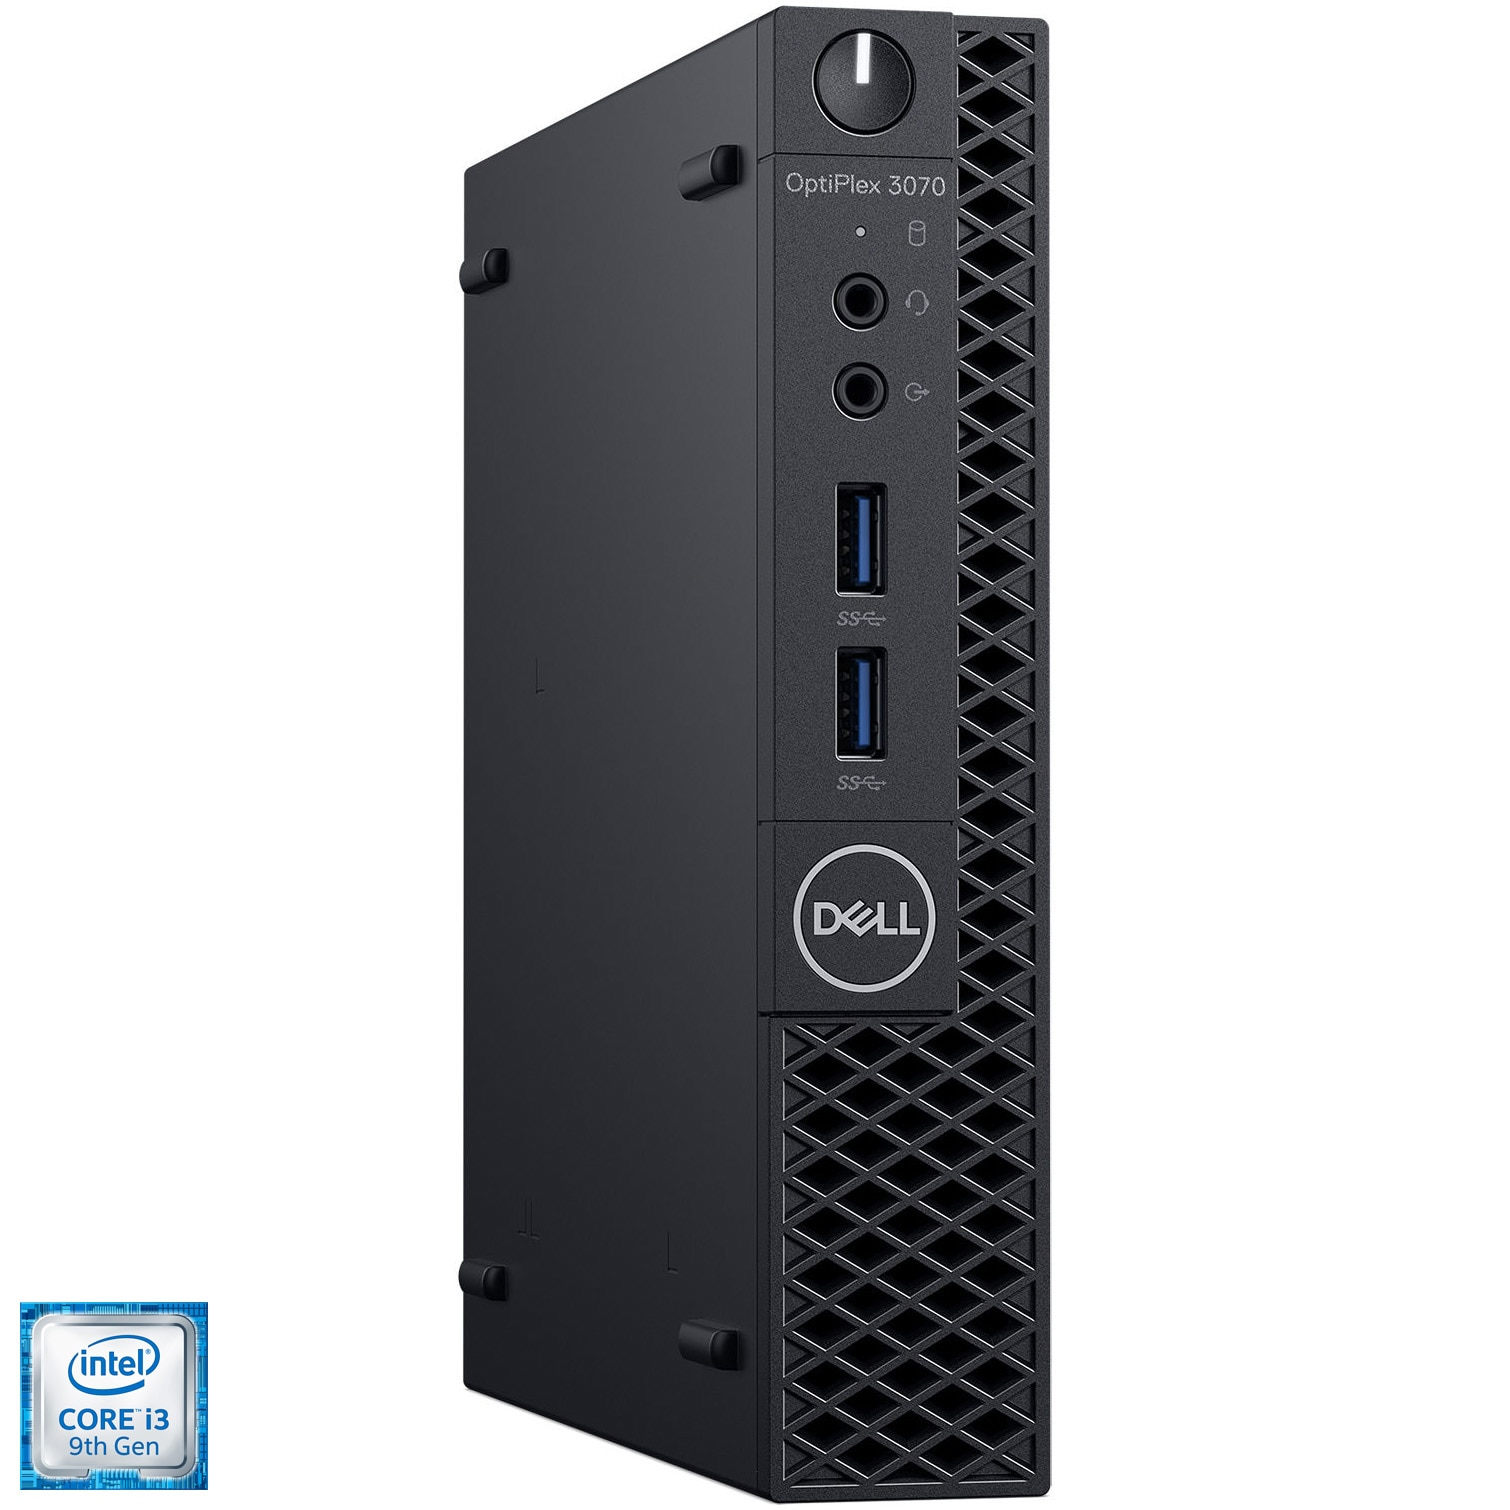 Fotografie Mini PC Dell Optiplex 3070 MFF cu procesor Intel® Core i3-9100T pana la 3.70GHz, Coffee Lake, 8GB DDR4, 256GB SSD M.2 NVMe, Intel® UHD Graphics 630, Ubuntu, Black